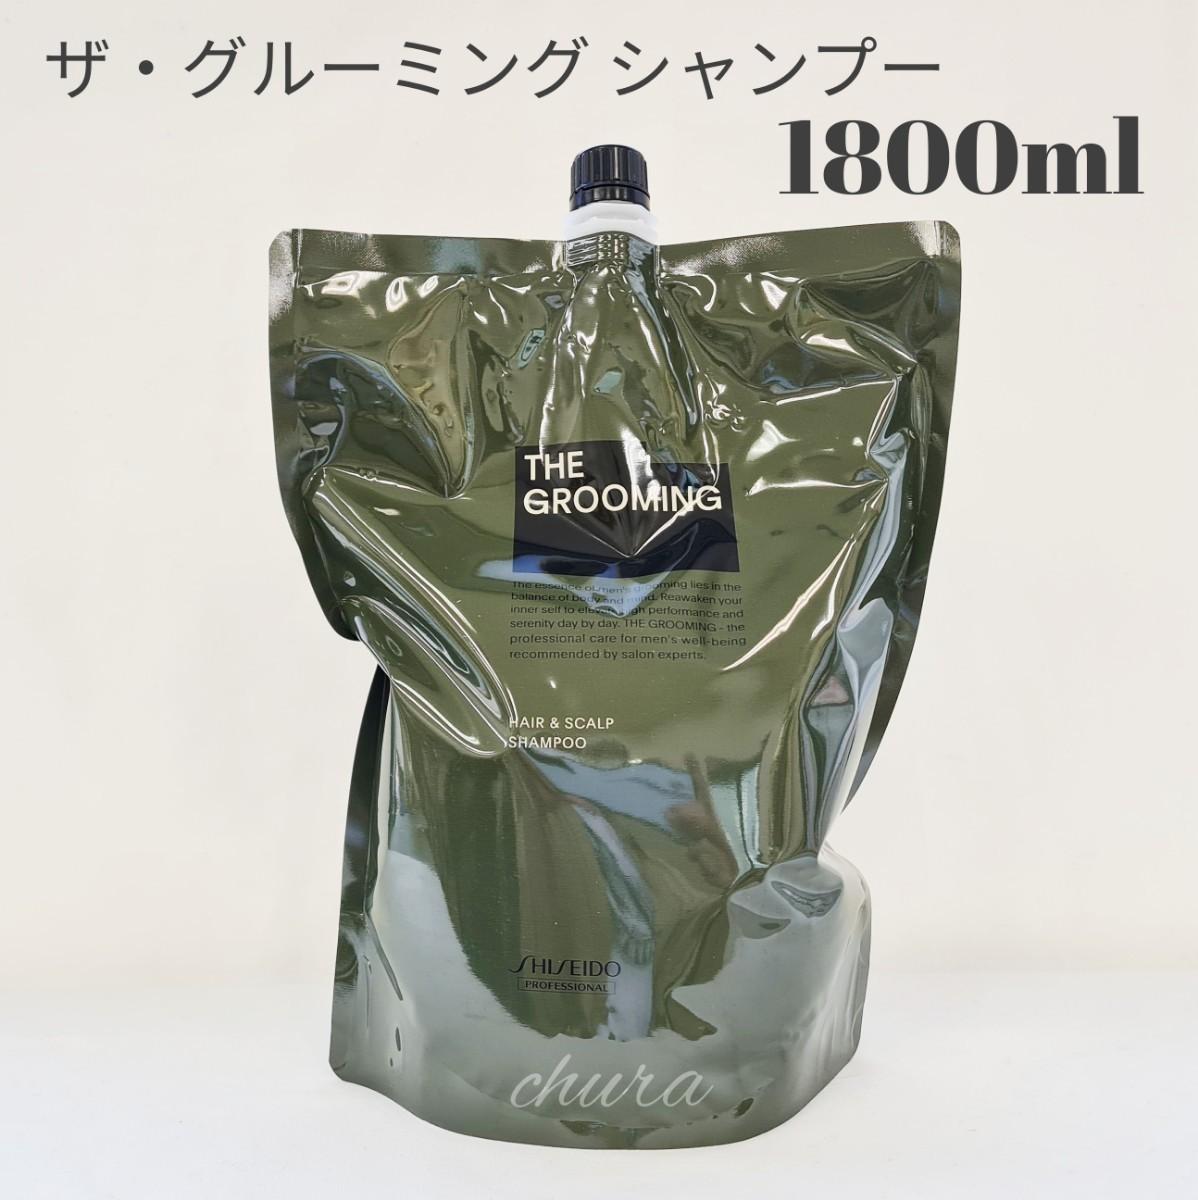 早い者勝ち!【資生堂】ザ・グルーミング シャンプー 1800ml 詰め替え用